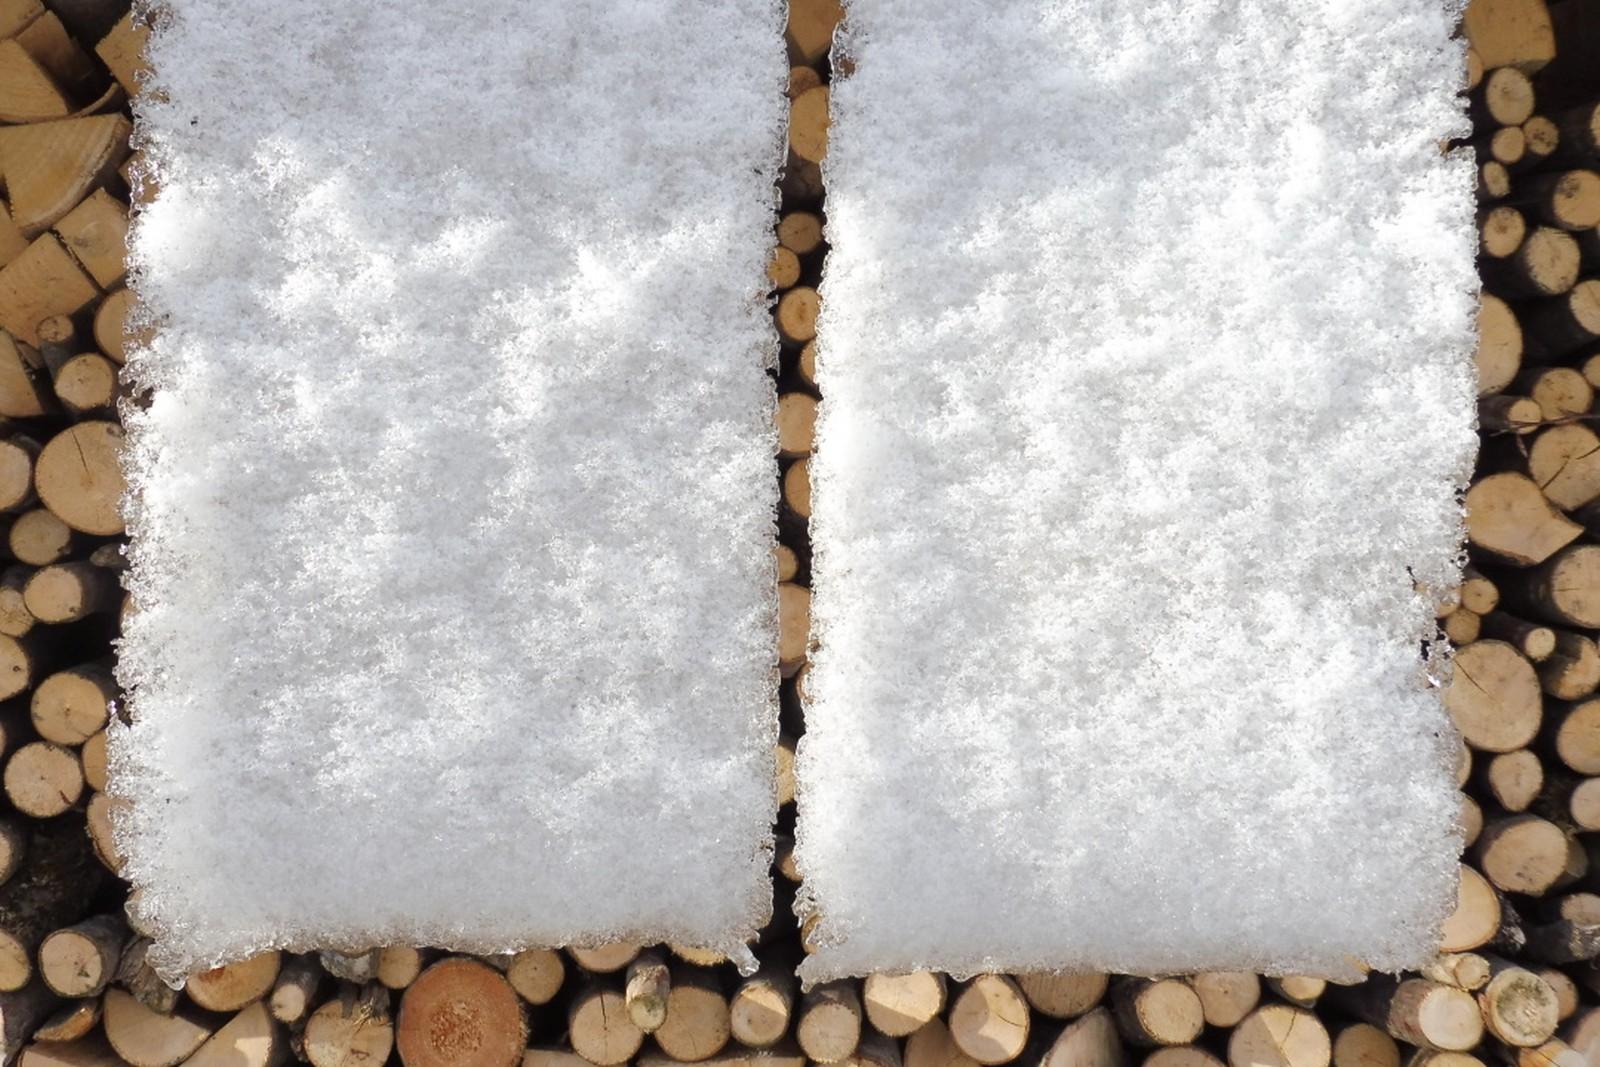 Herabfließender Schnee vor Brennholz